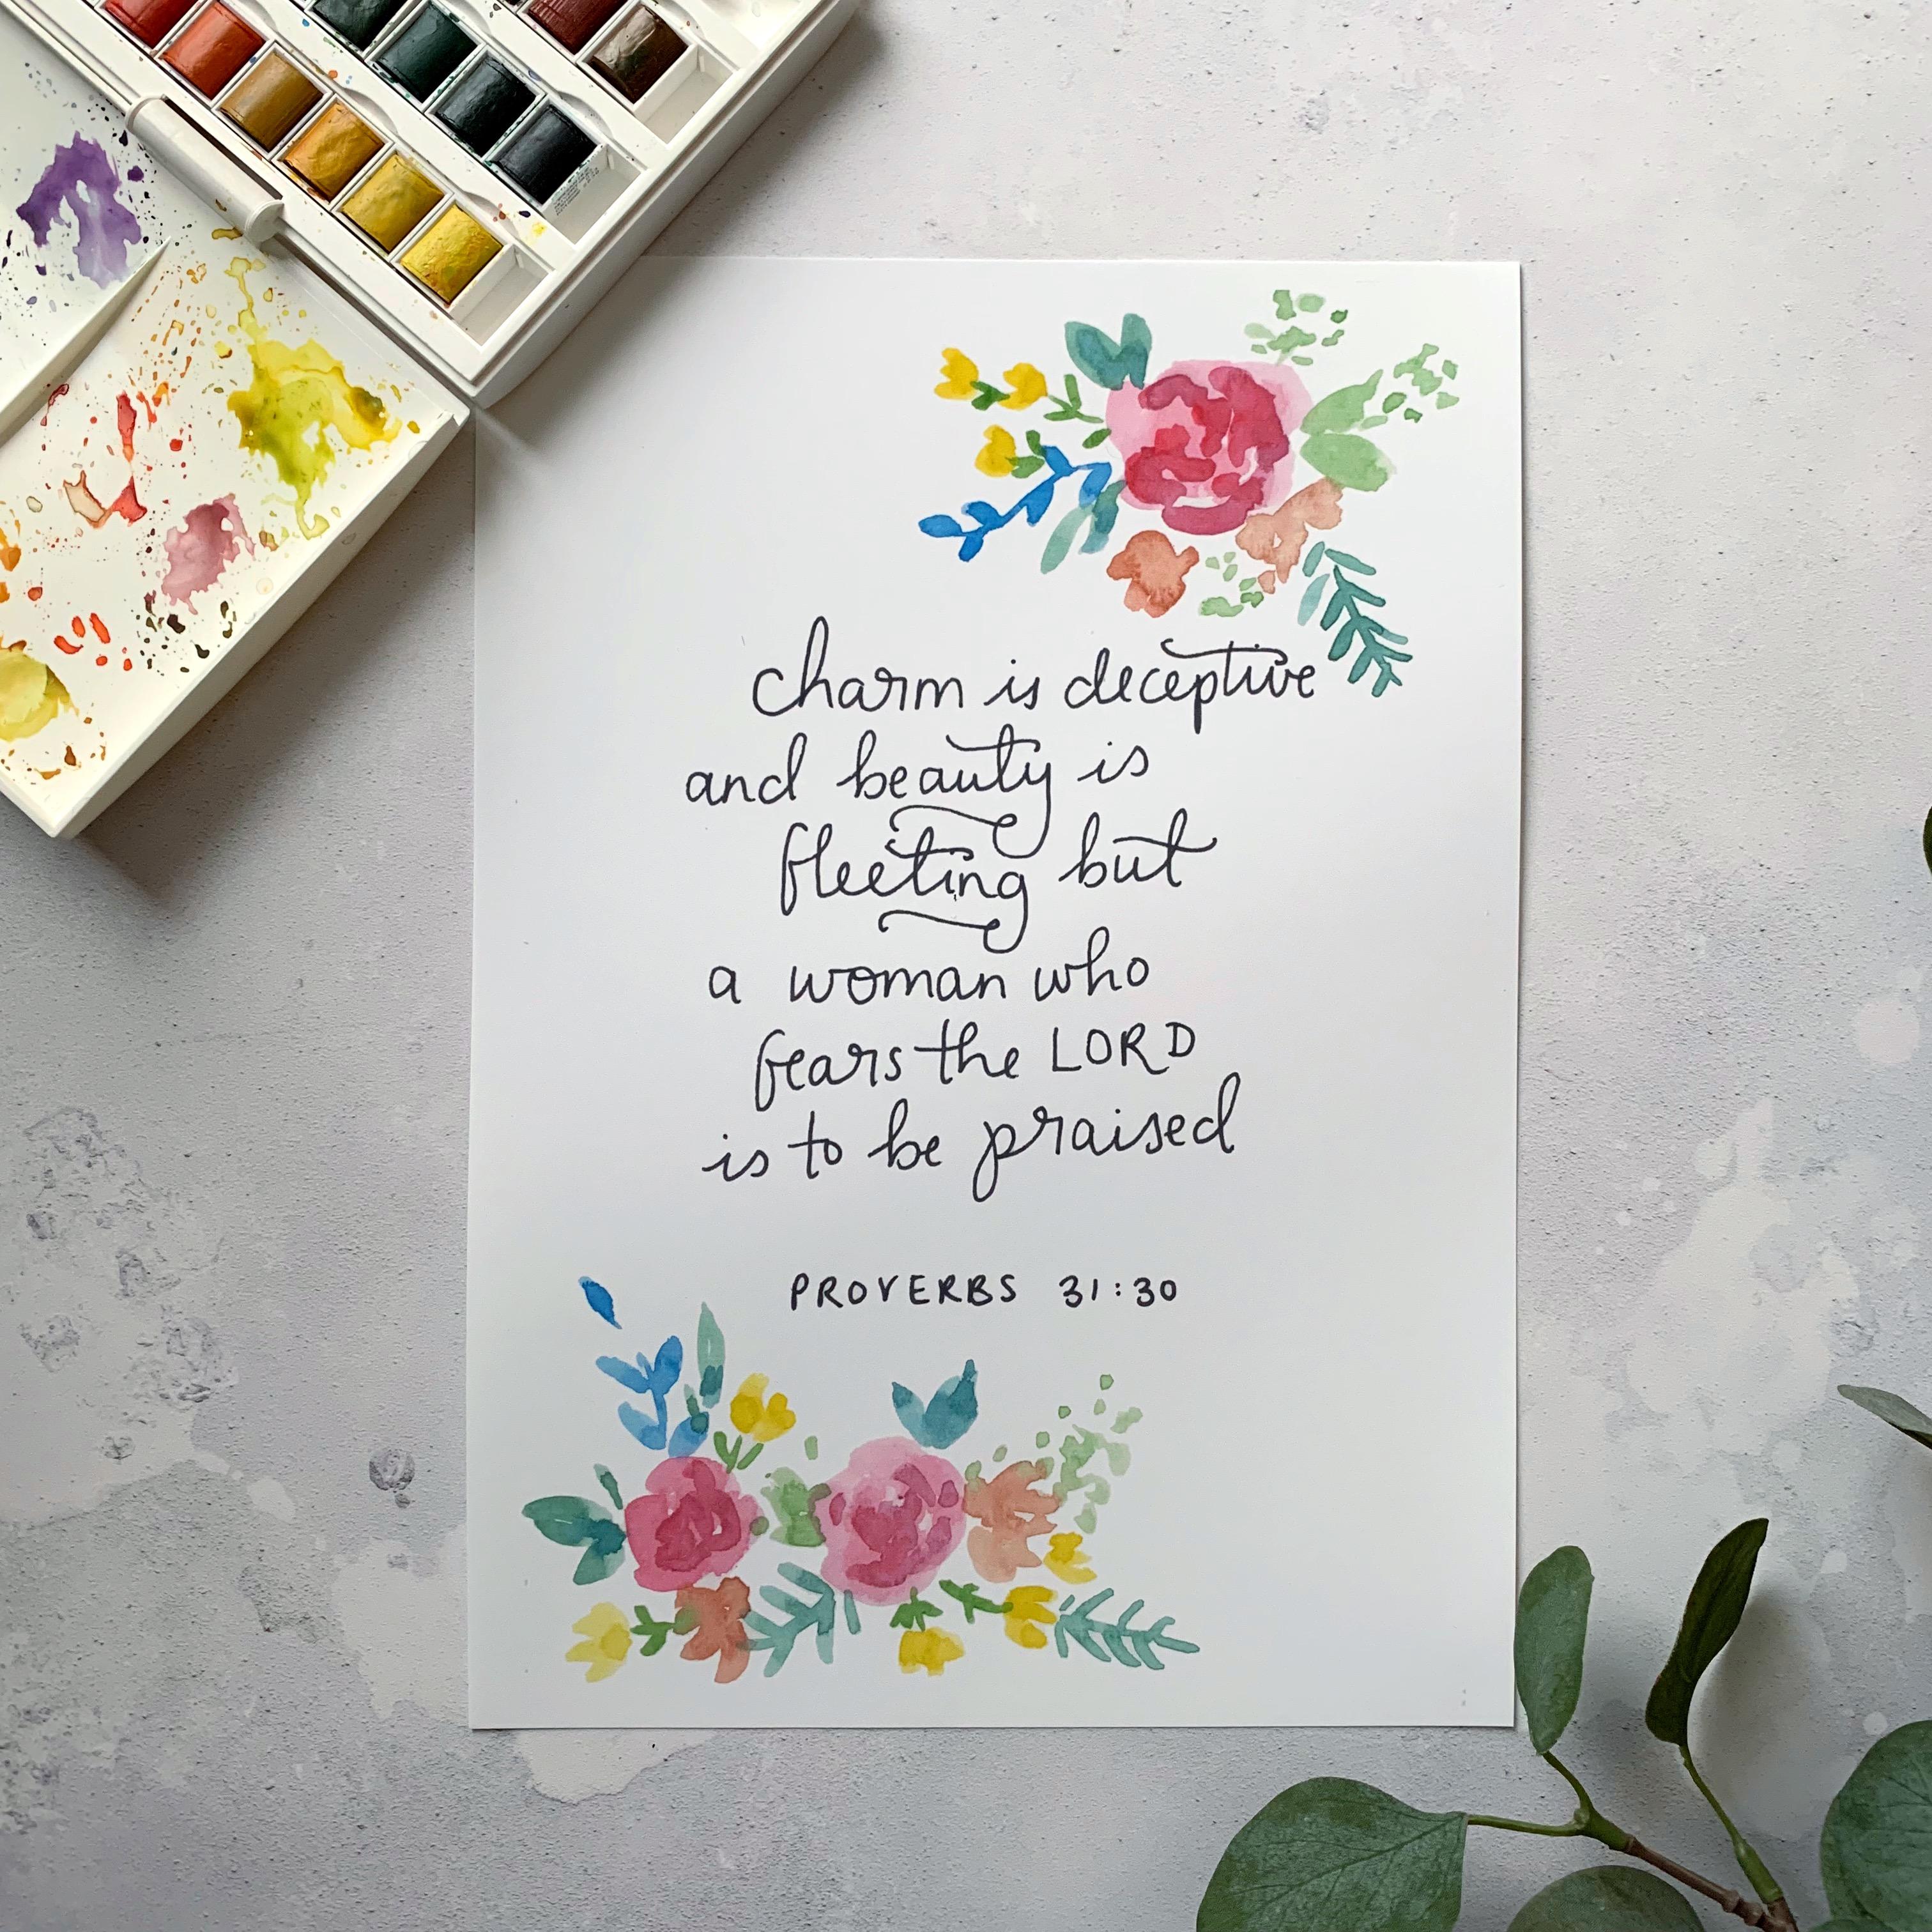 proverbs 31 verse 30